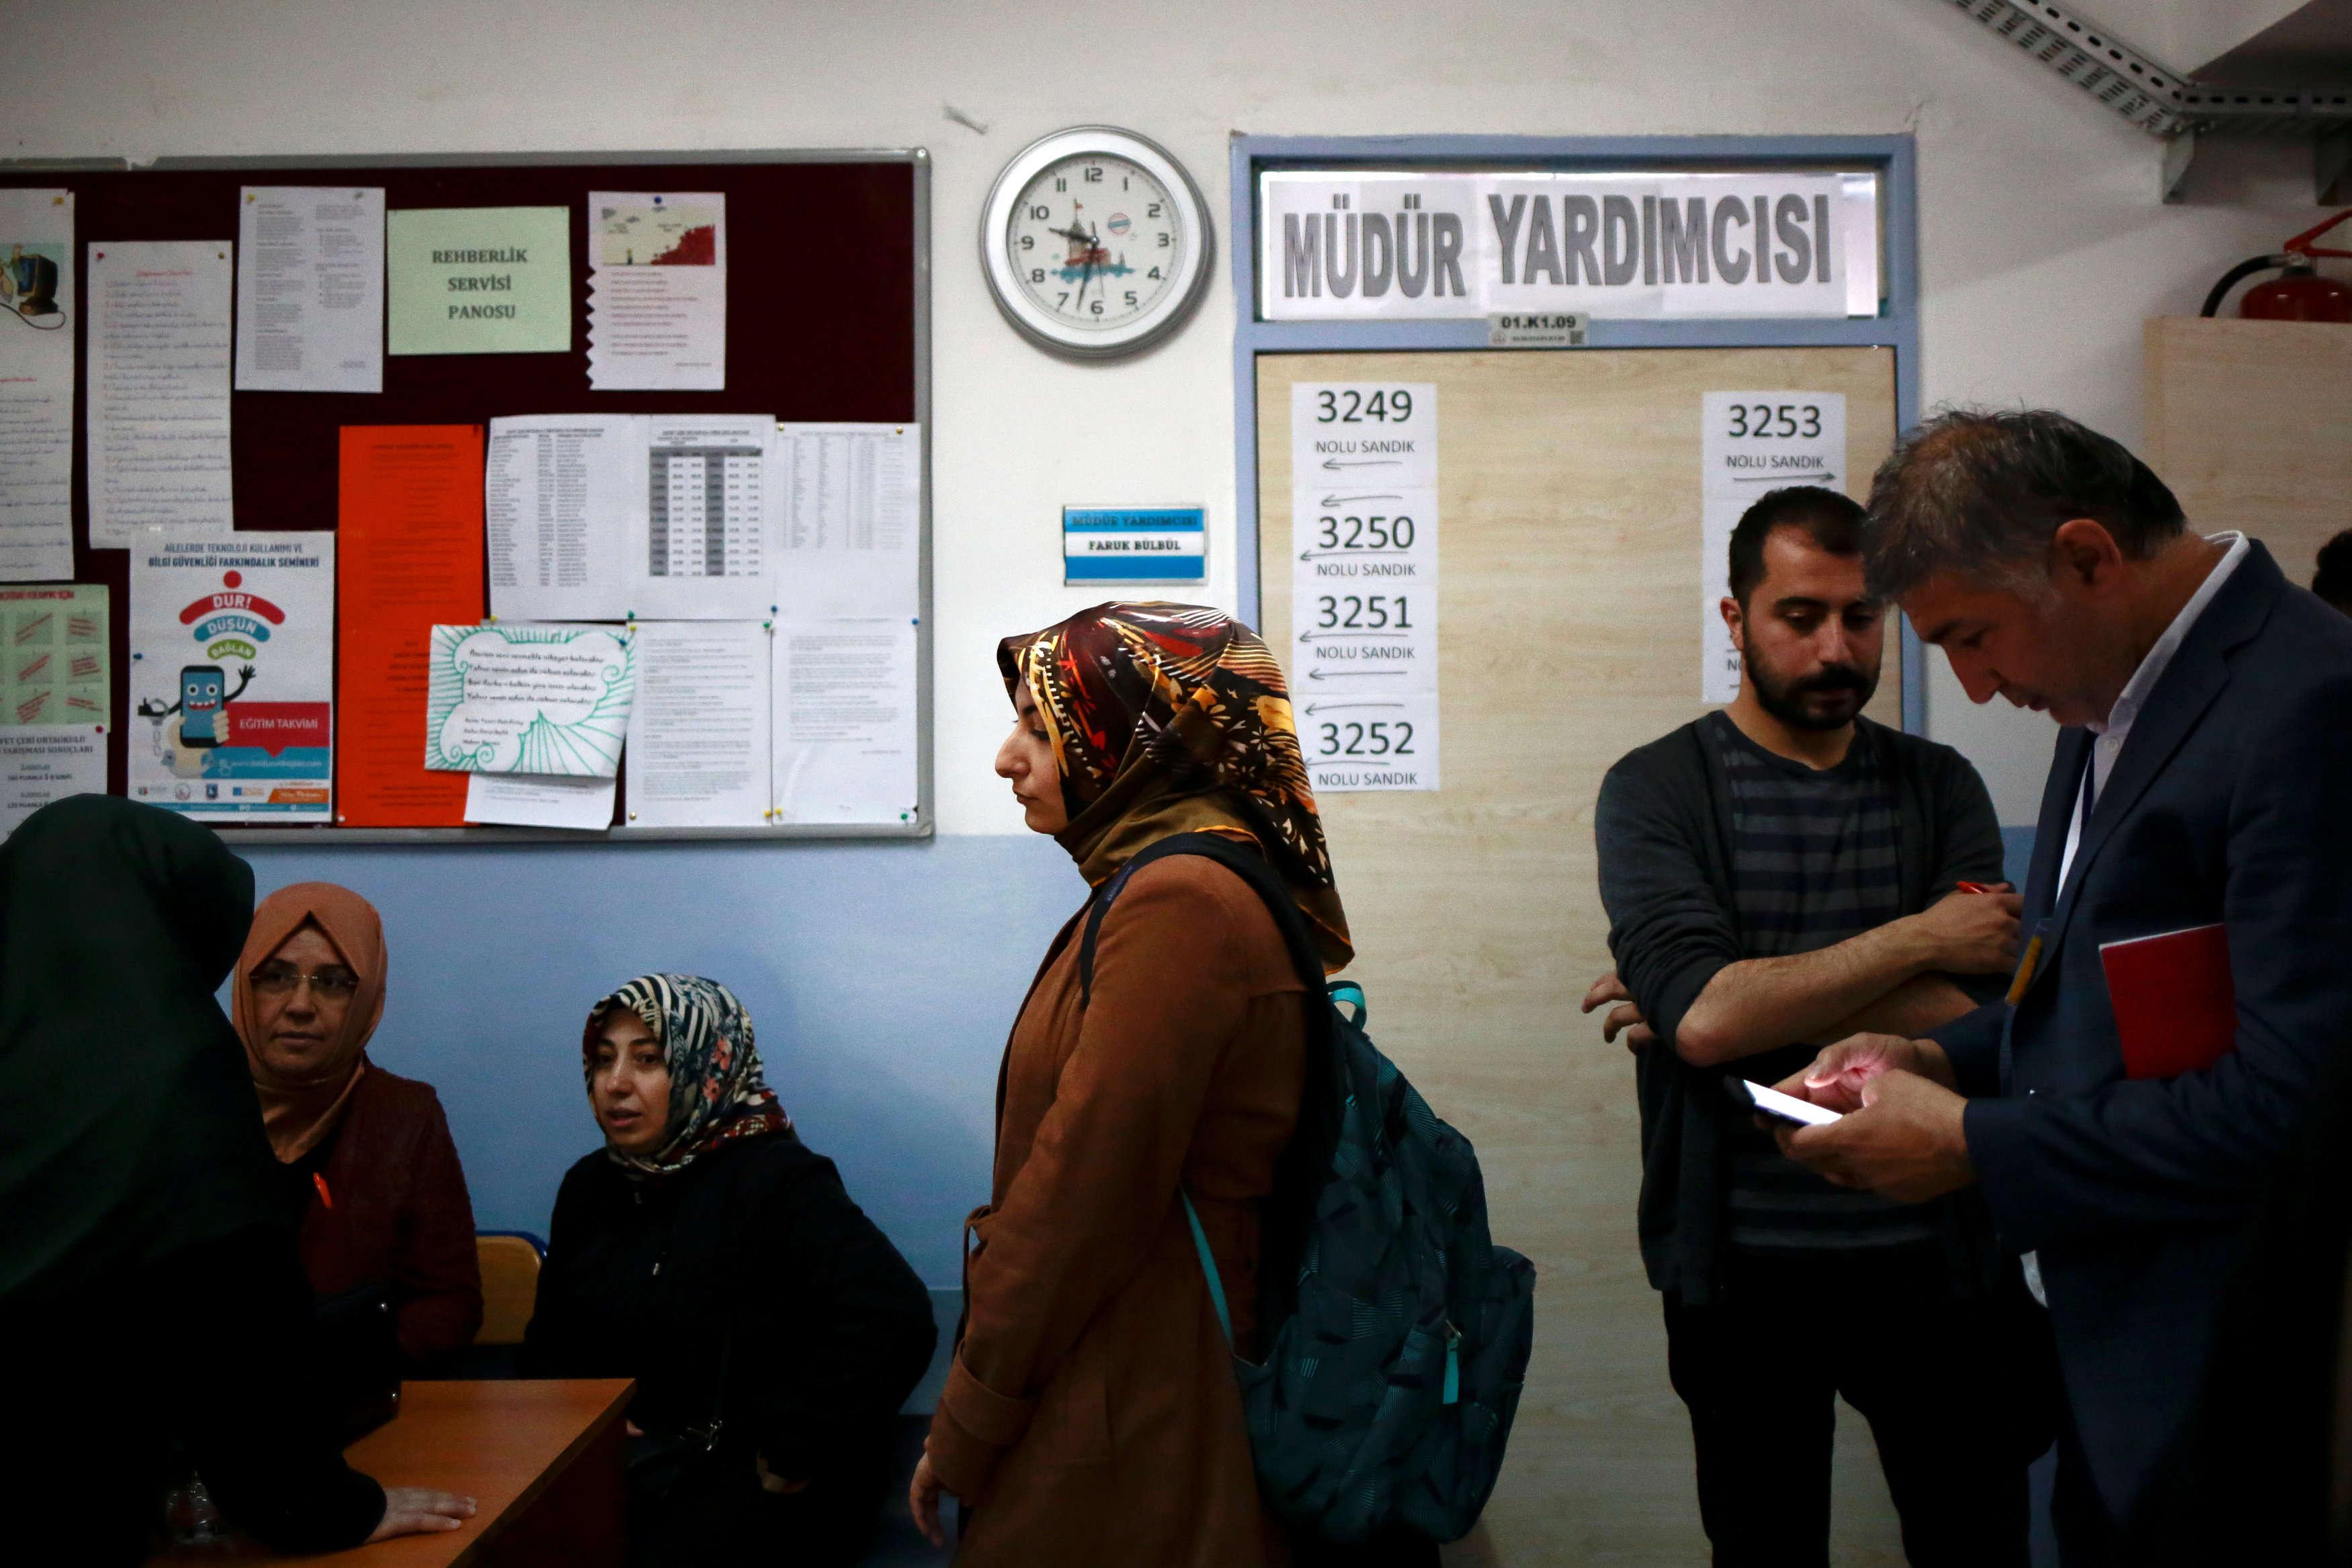 Des électeurs dans un bureau de vote du quartier d'Uskudar, à istanbul.Le gouvernement présente cette révision constitutionnelle comme indispensable pour assurer la stabilité du pays et lui permettre d'affronter les défis sécuritaires et économiques.